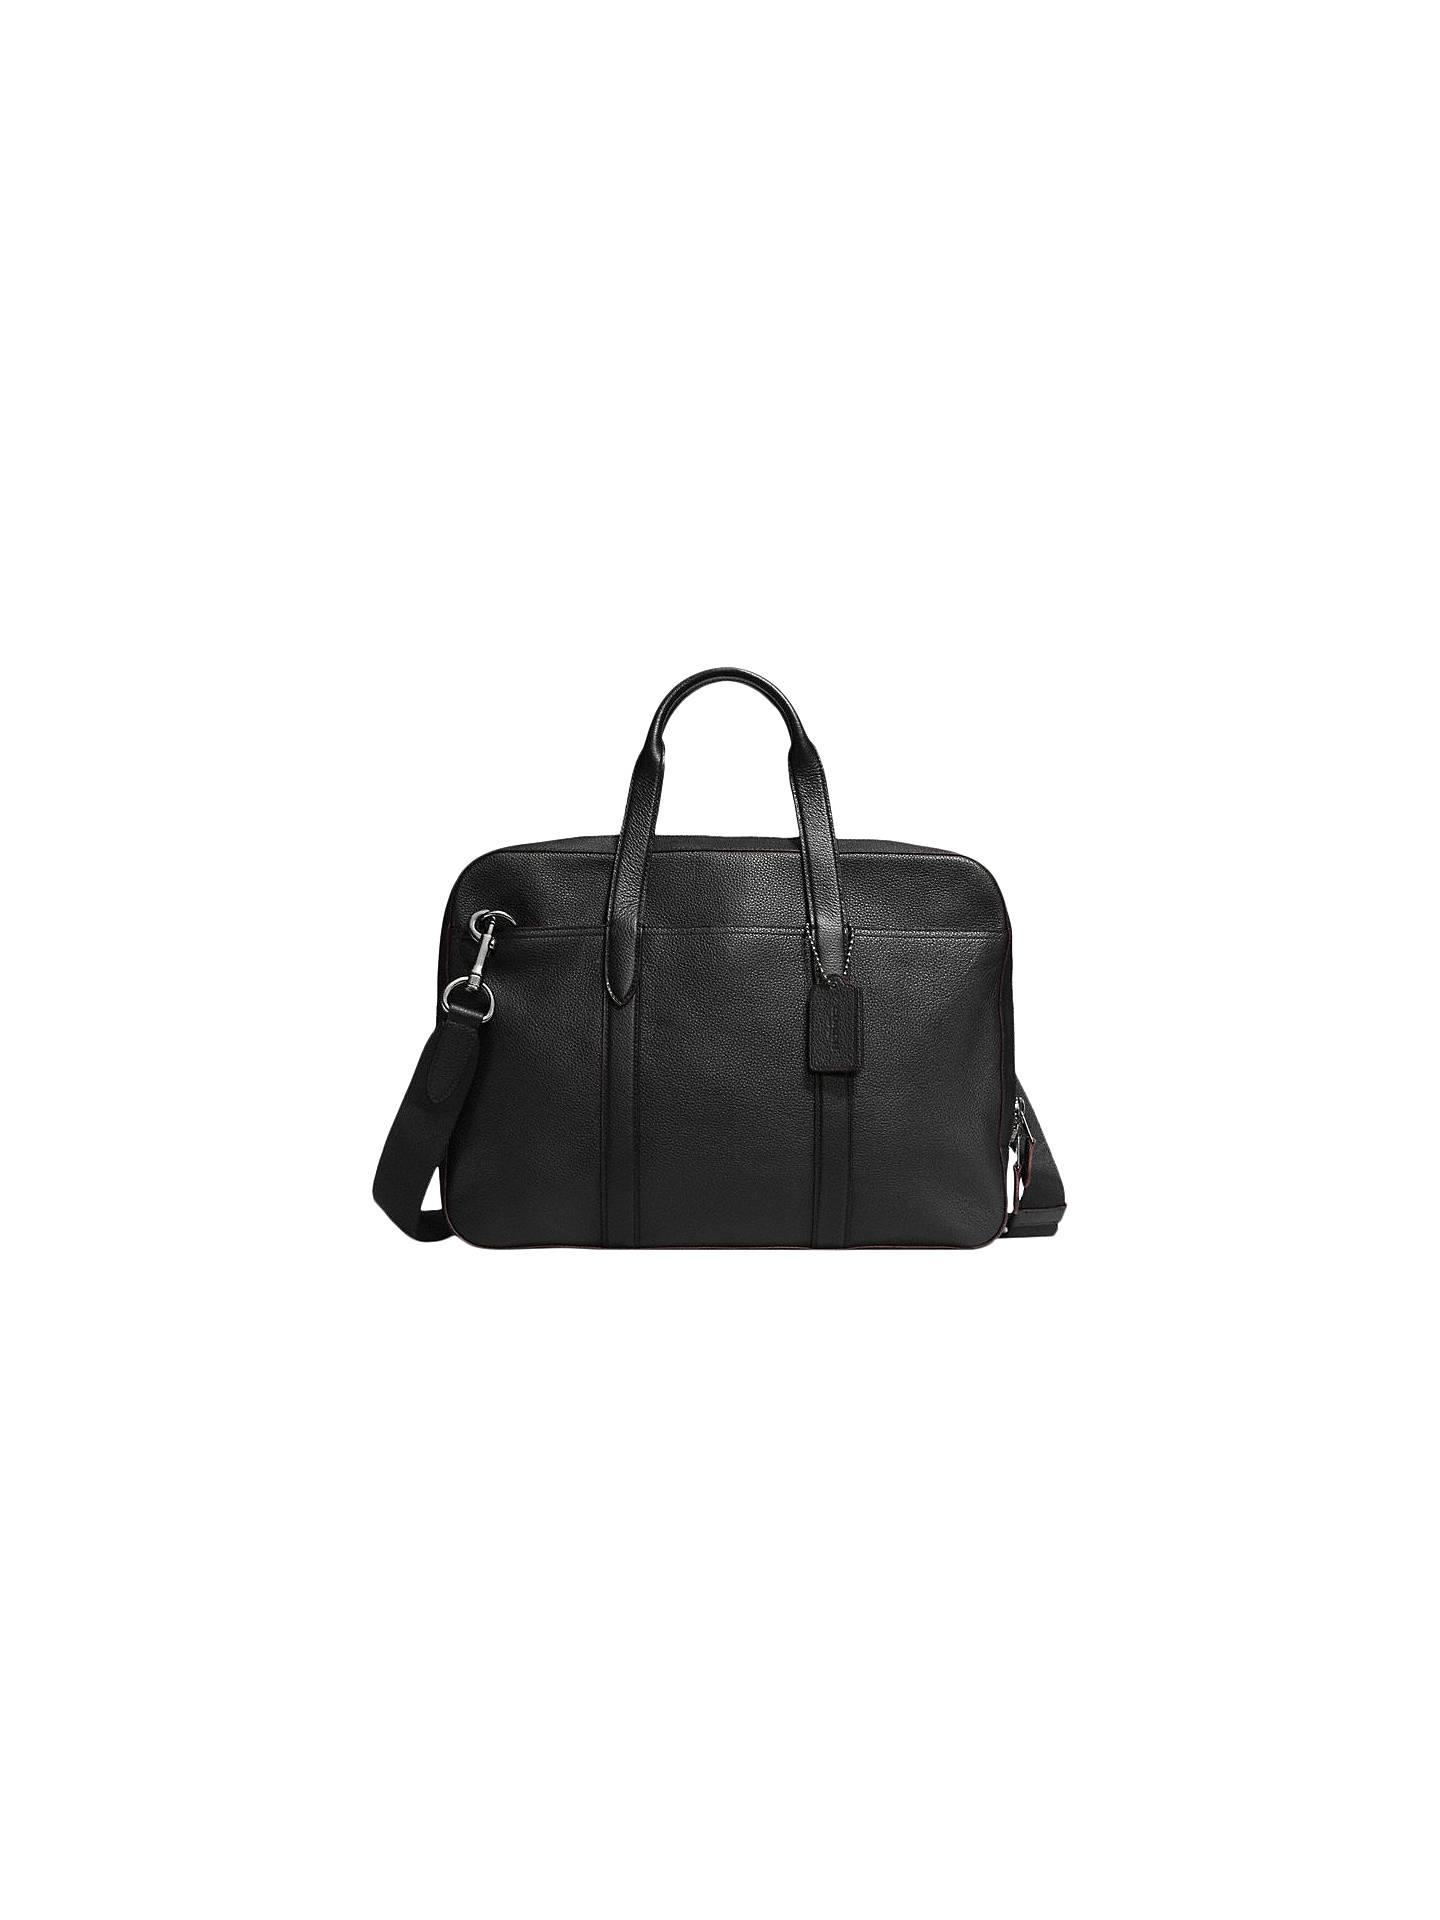 a02c7612151e BuyCoach Metropolitan Soft Leather Briefcase